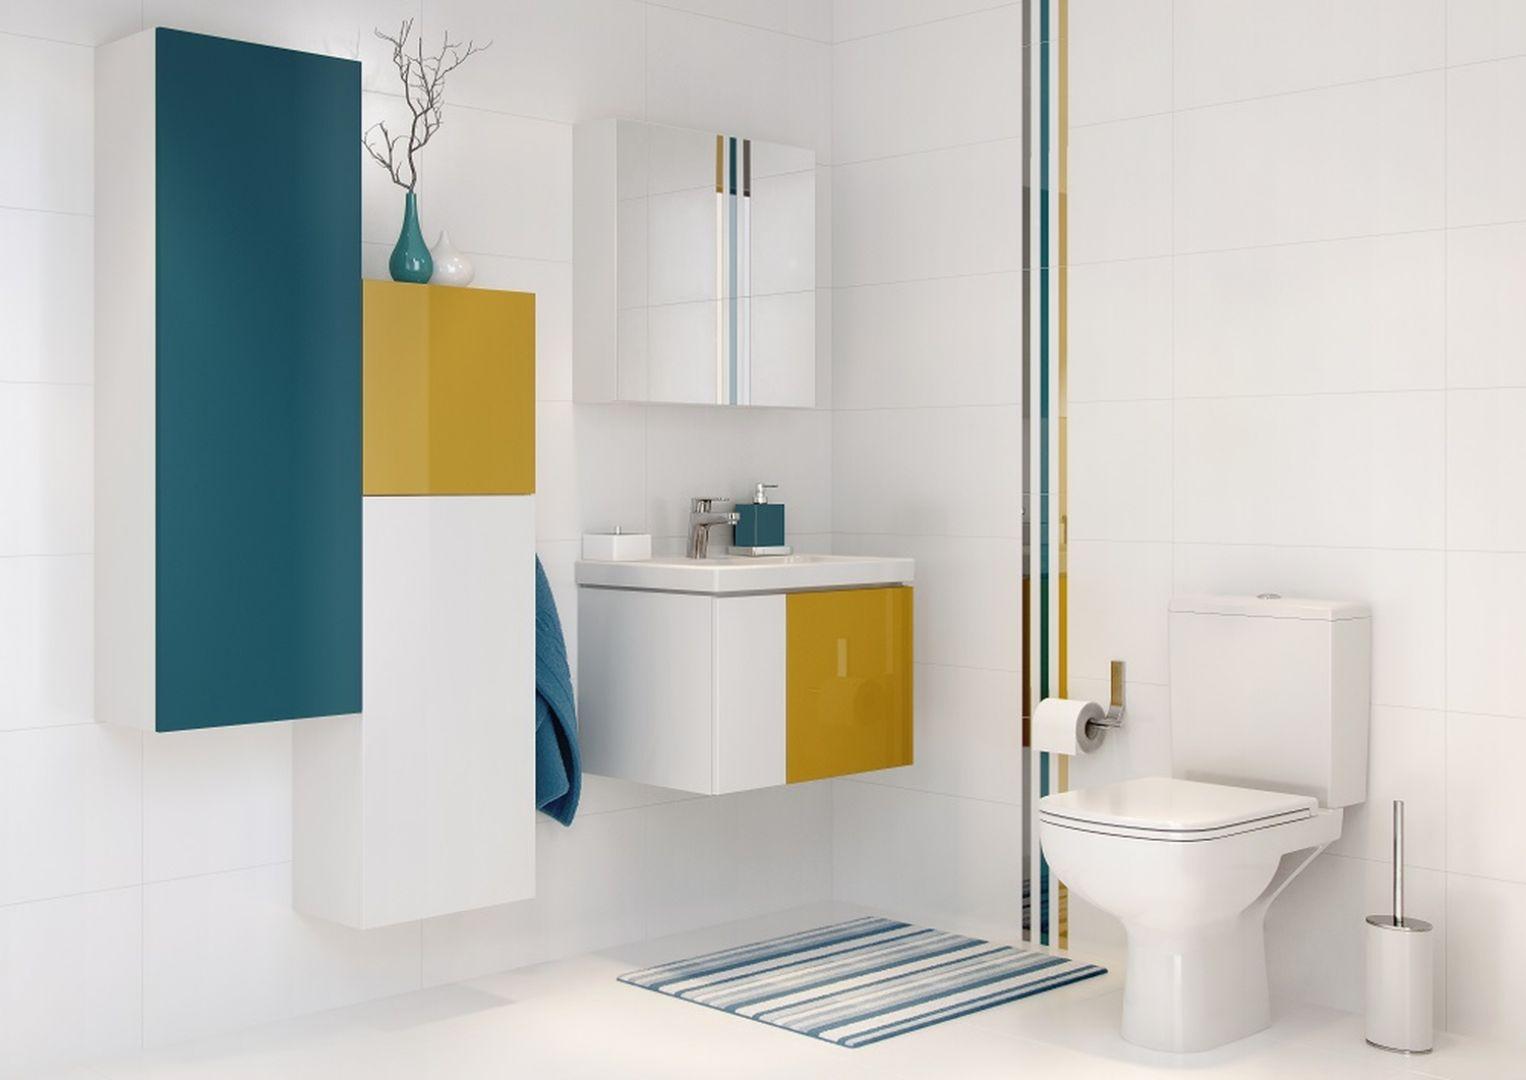 Meble łazienkowe z kolekcji Colour. Fot. Cersanit